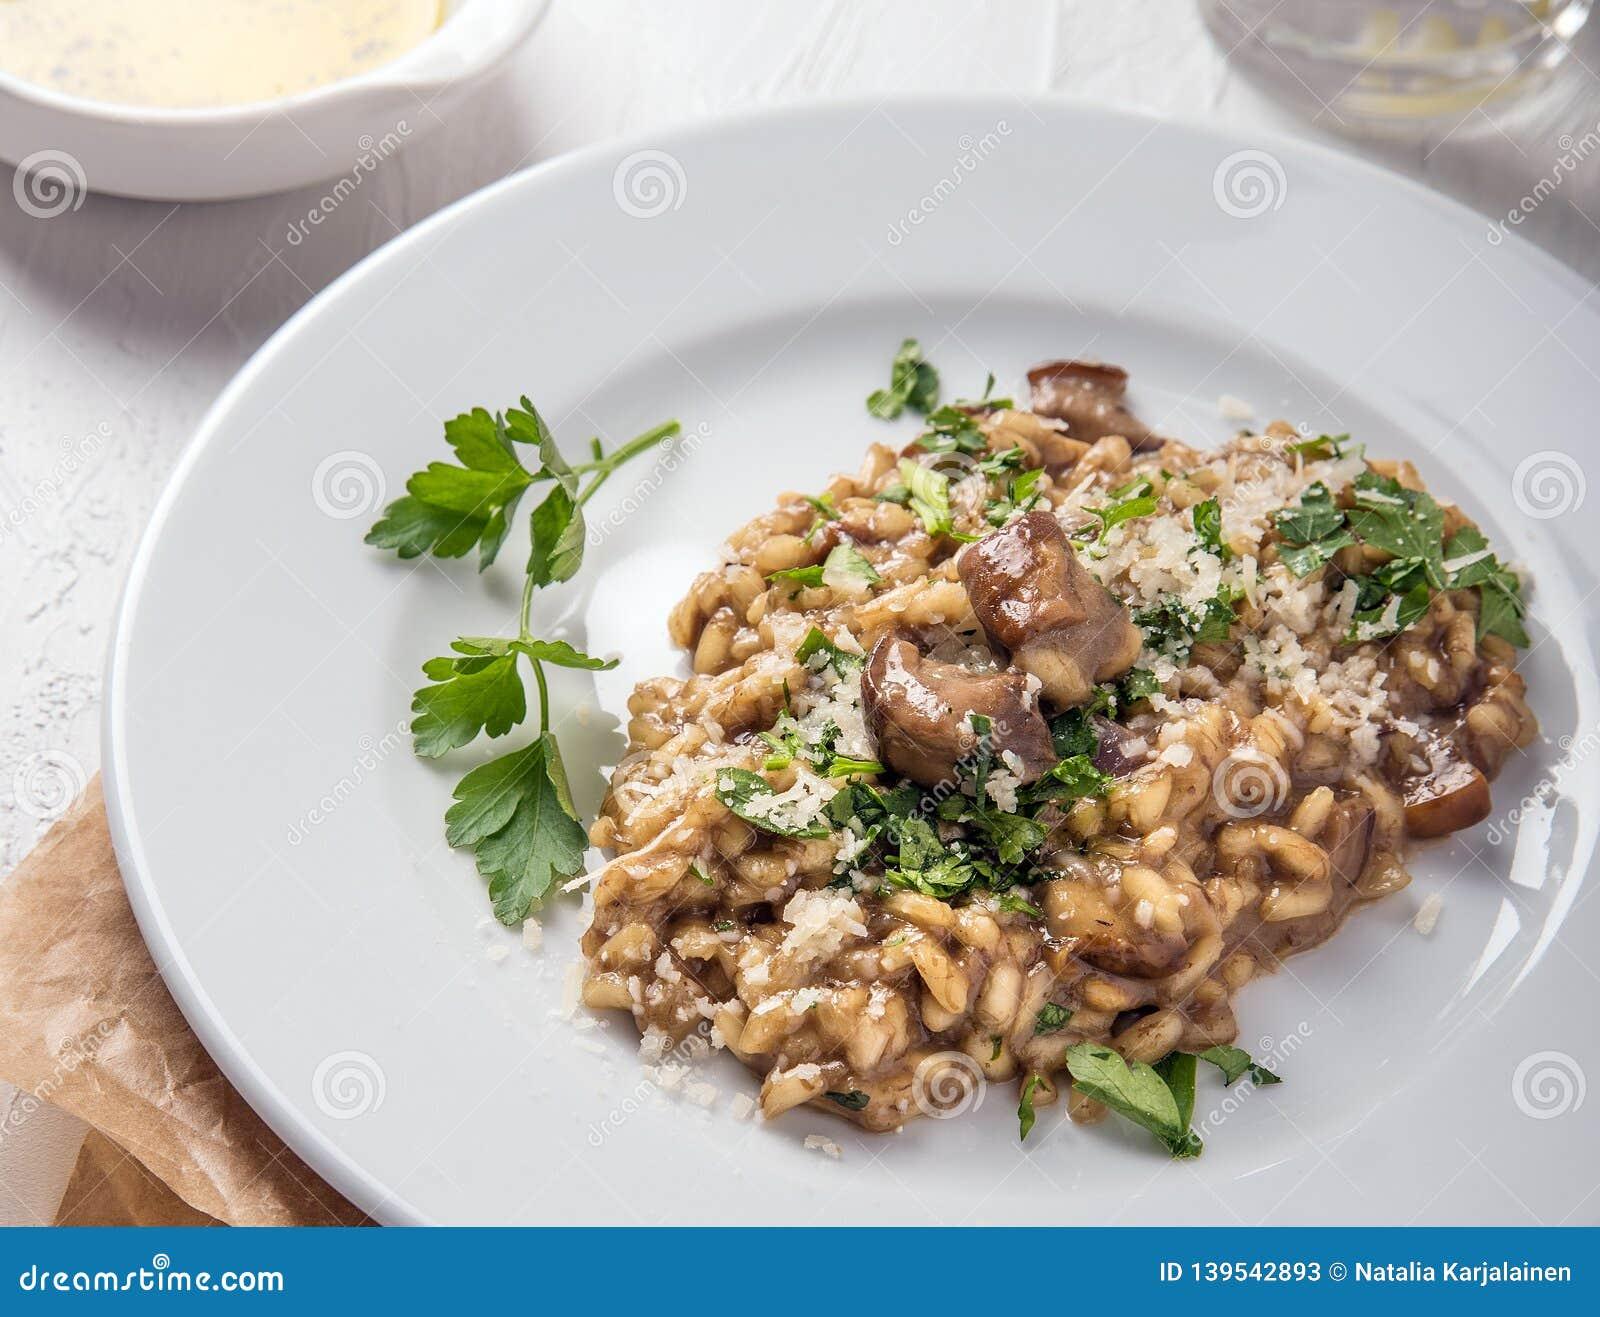 Alimento italiano Risotto con las setas y el queso en una placa blanca en un fondo blanco